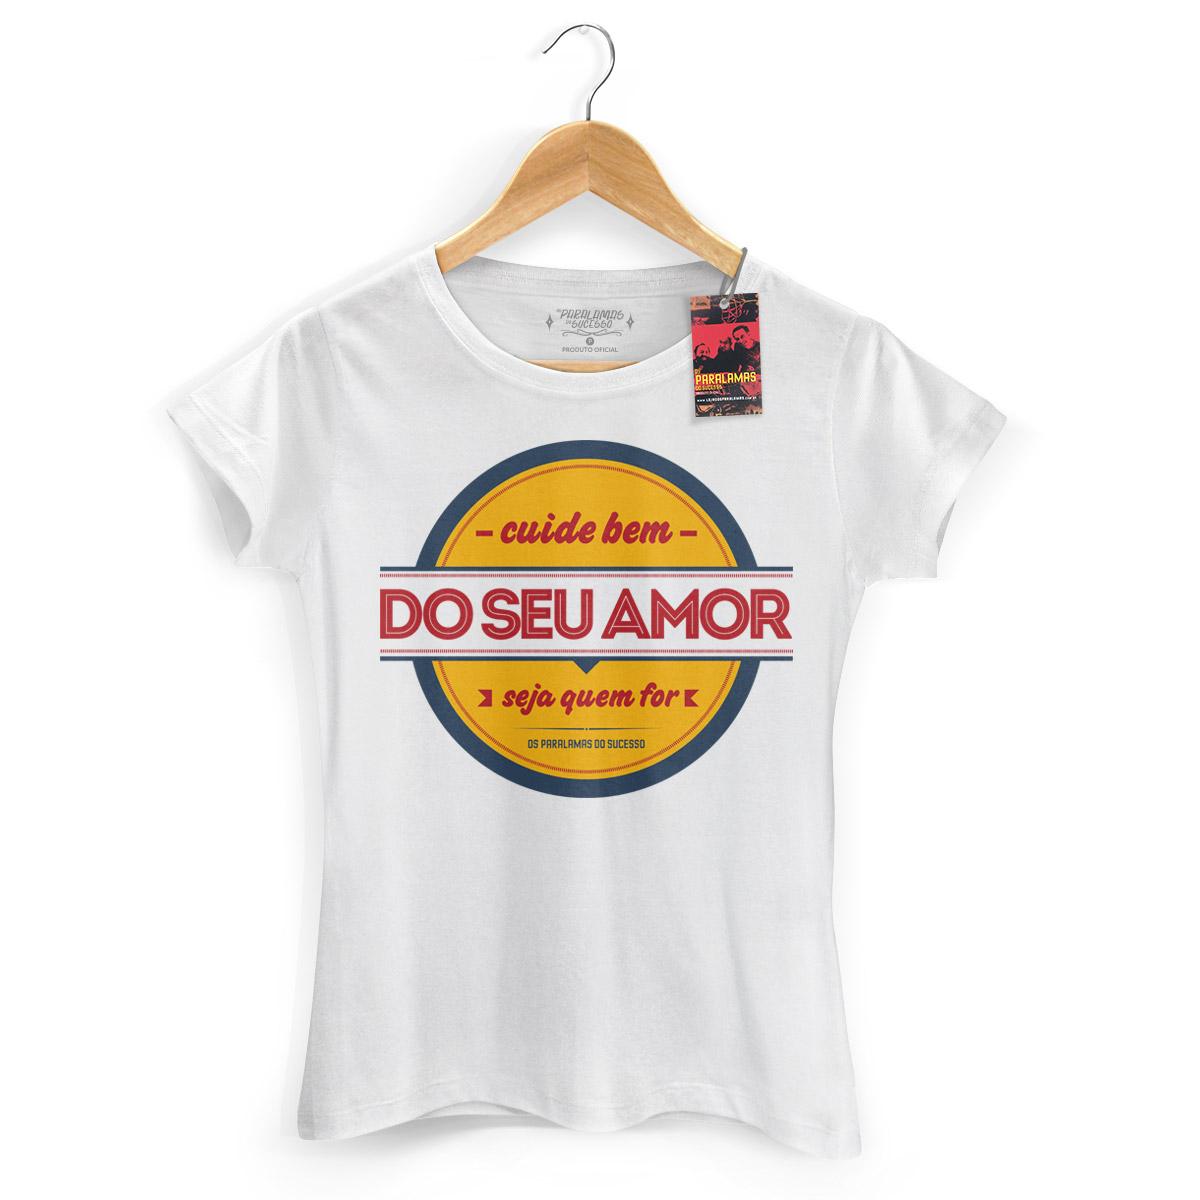 Camiseta Feminina Os Paralamas Do Sucesso Cuide Bem do Seu Amor